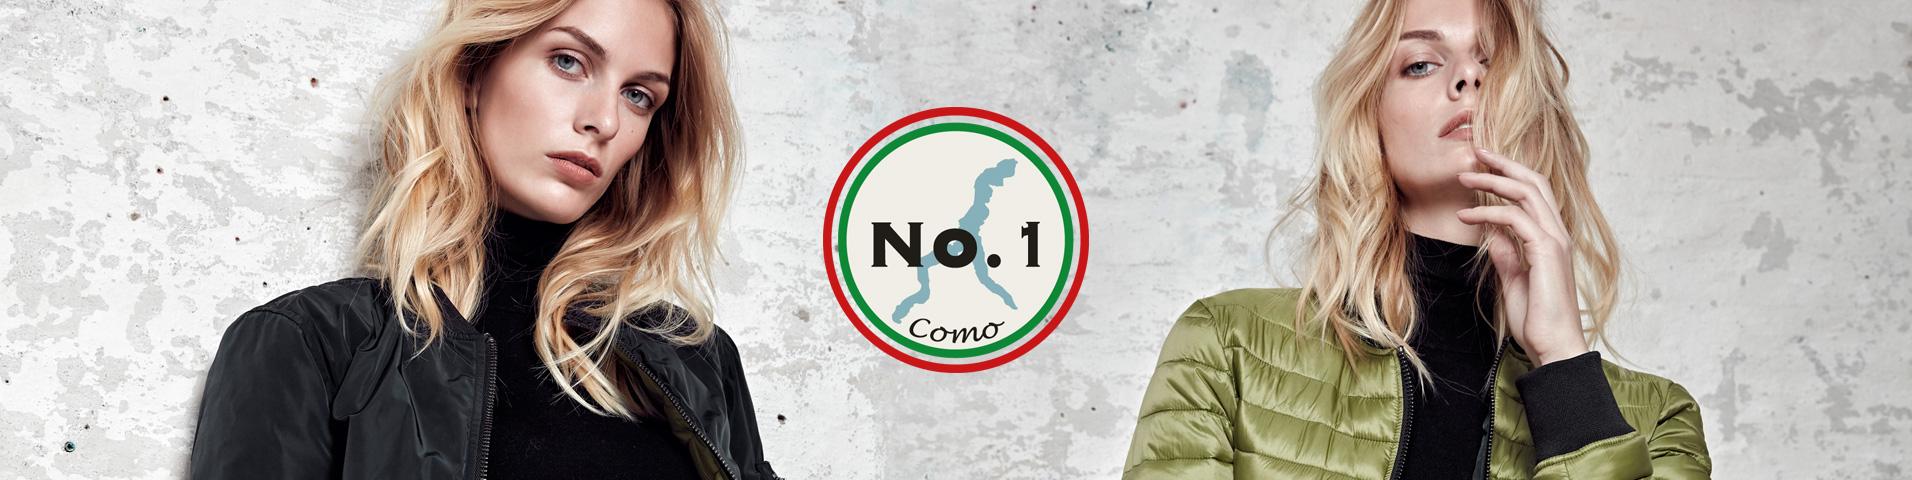 No.1 Como Online Shop   No.1 Como online bestellen bei Zalando 35440fea85